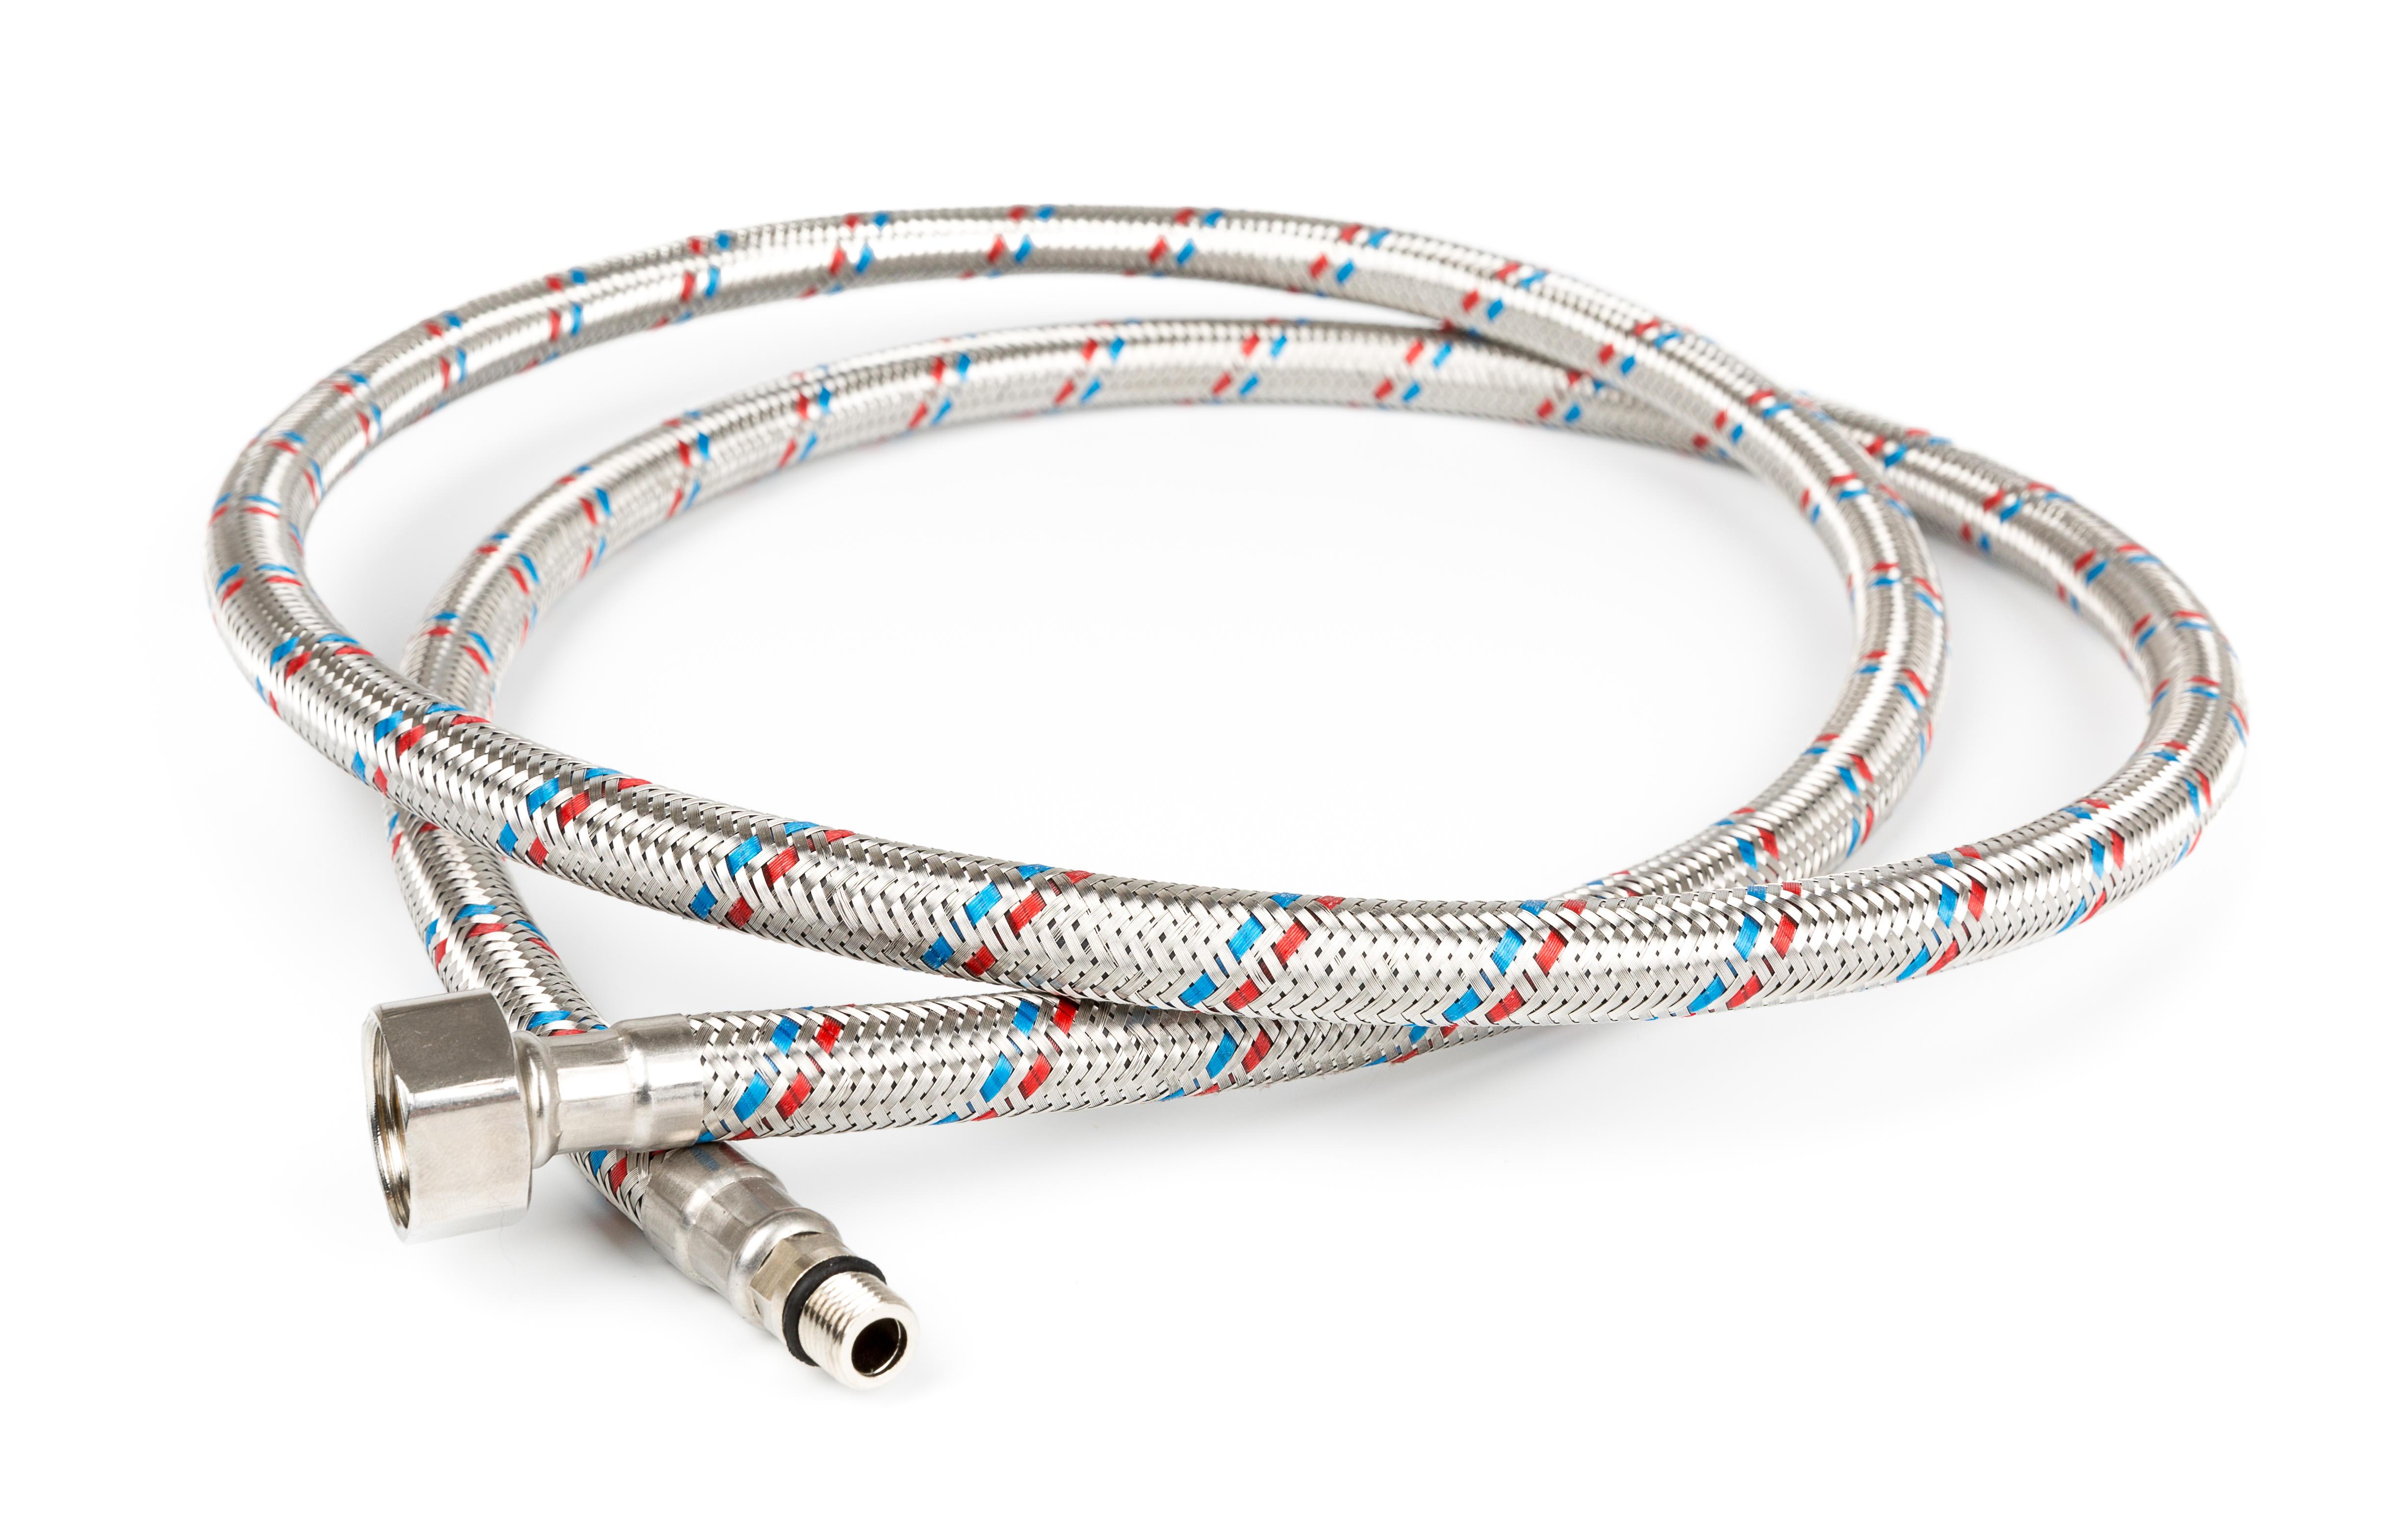 市场监管总局质量监管司副司长王军:电线电缆质量问题治理永远在路上